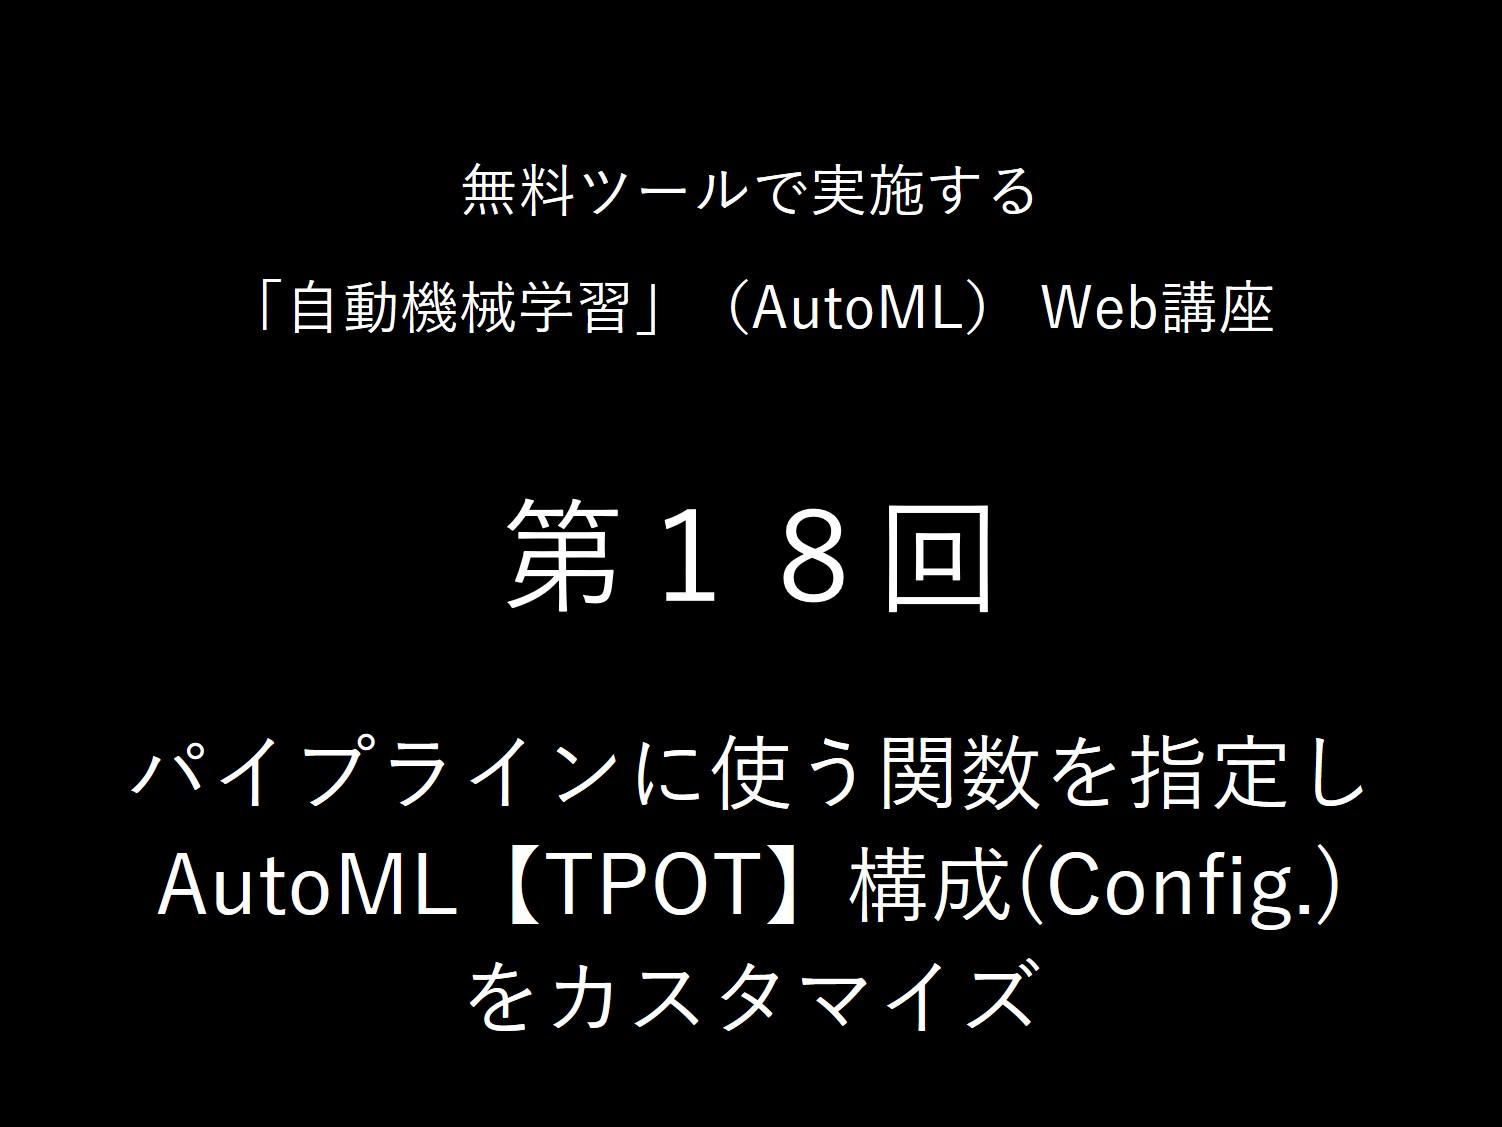 パイプラインに使う関数を指定し<br>AutoML【TPOT】構成(Config.)をカスタマイズ